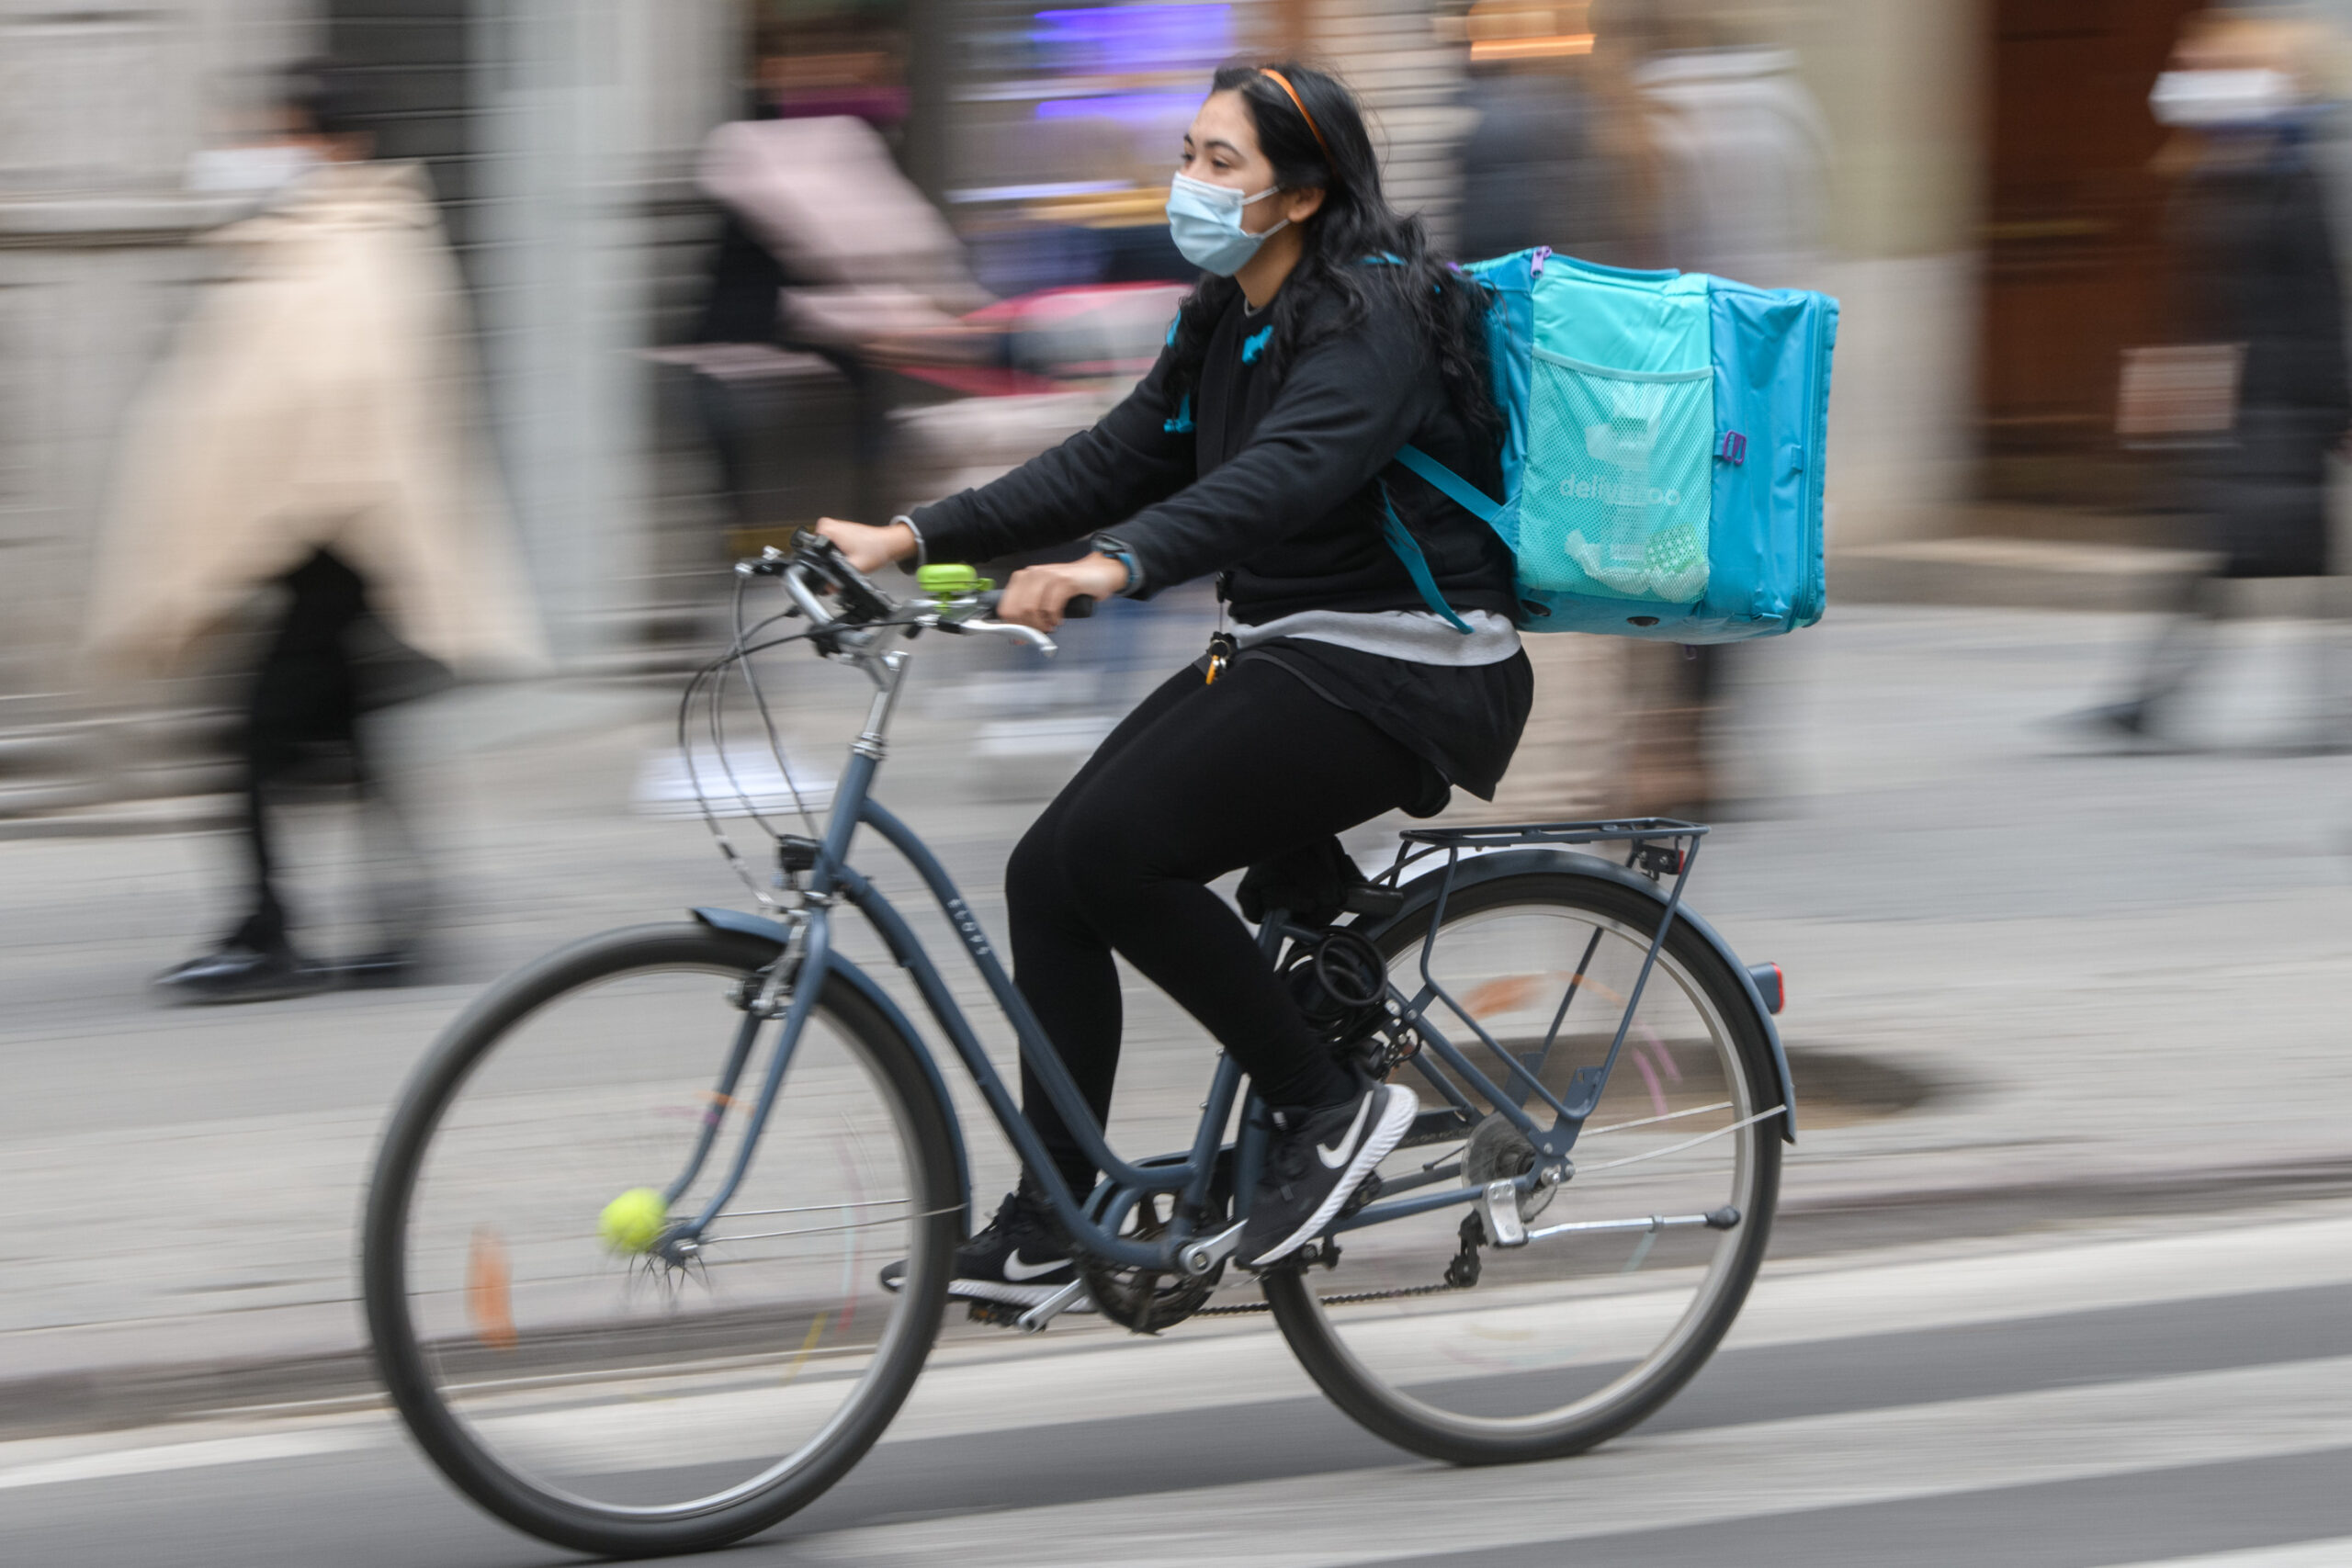 Riders, protagonistas de la movilidad urbana